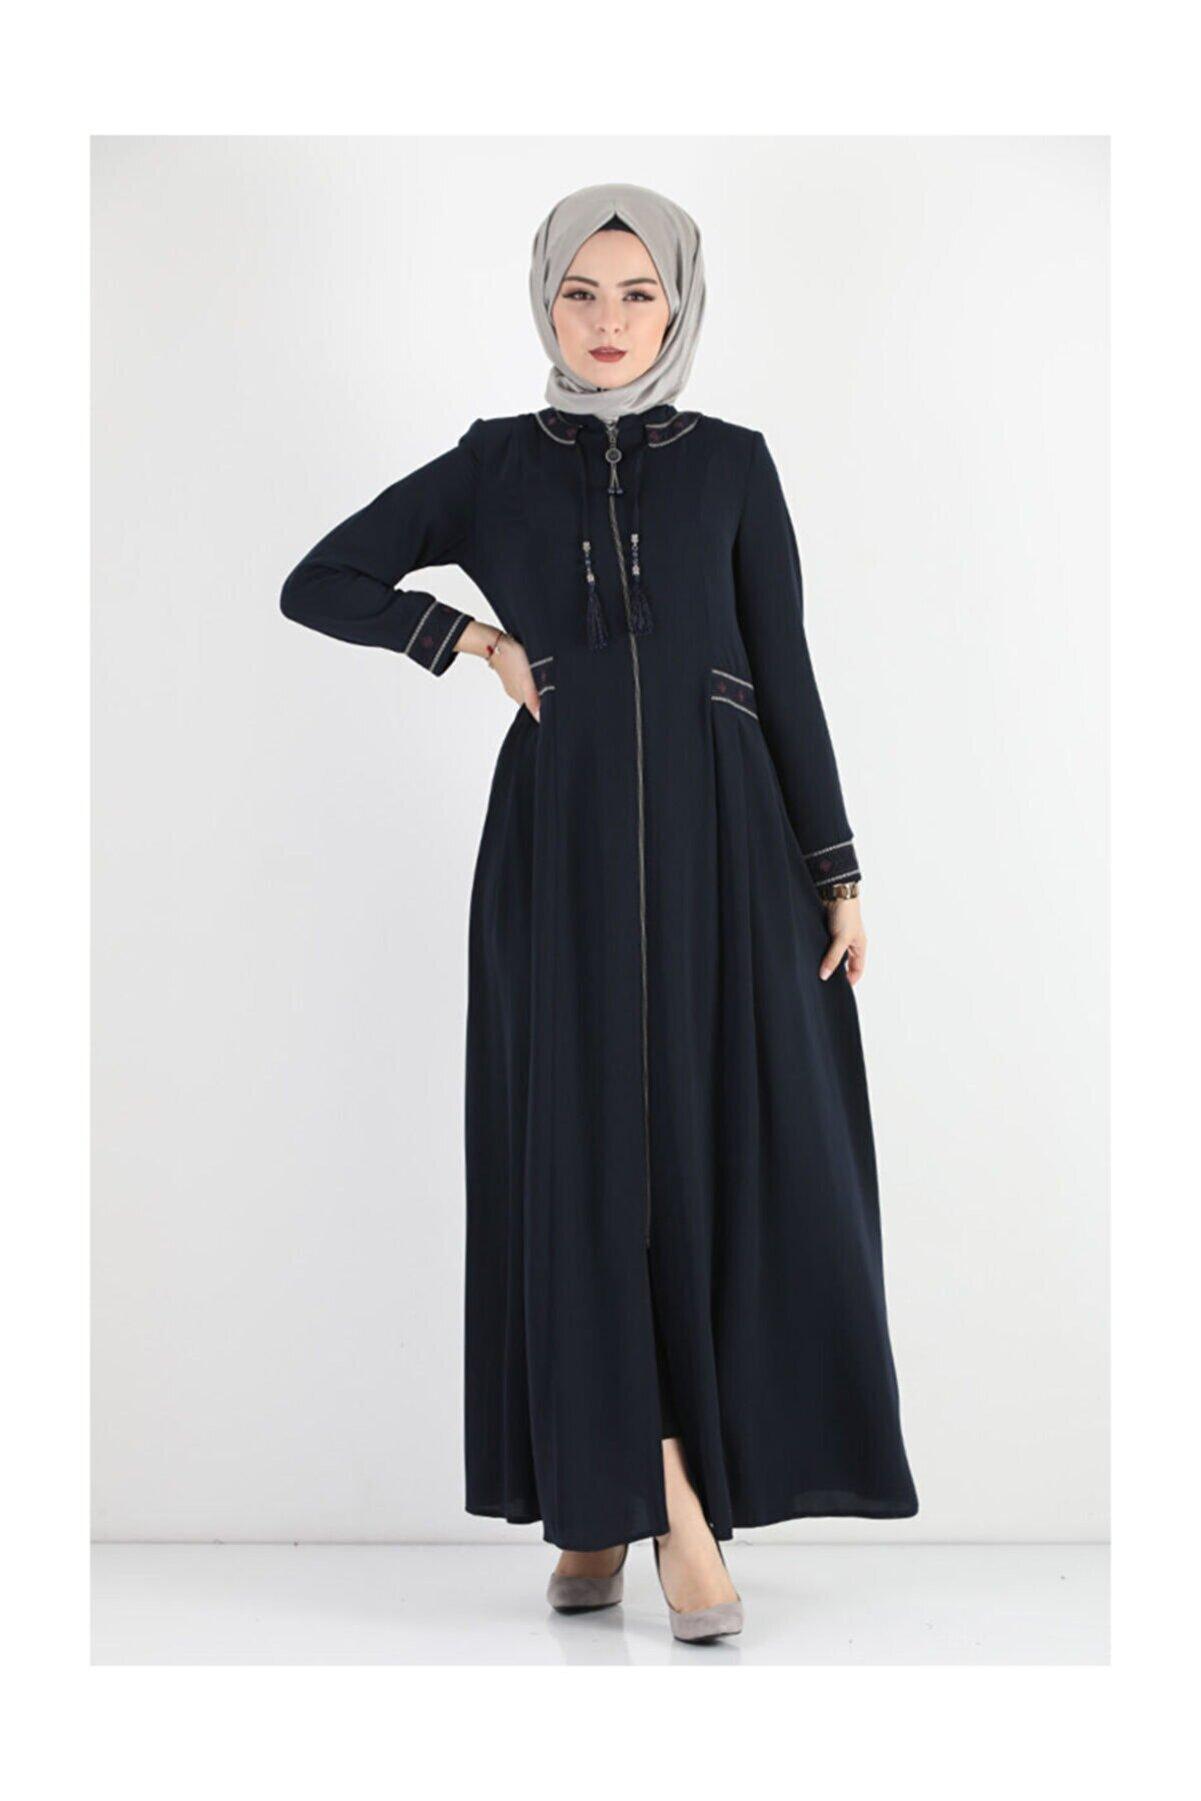 Tesettür Dünyası Kadın Nakışlı Büyük Beden Elbise Tsd7023 Lacivert